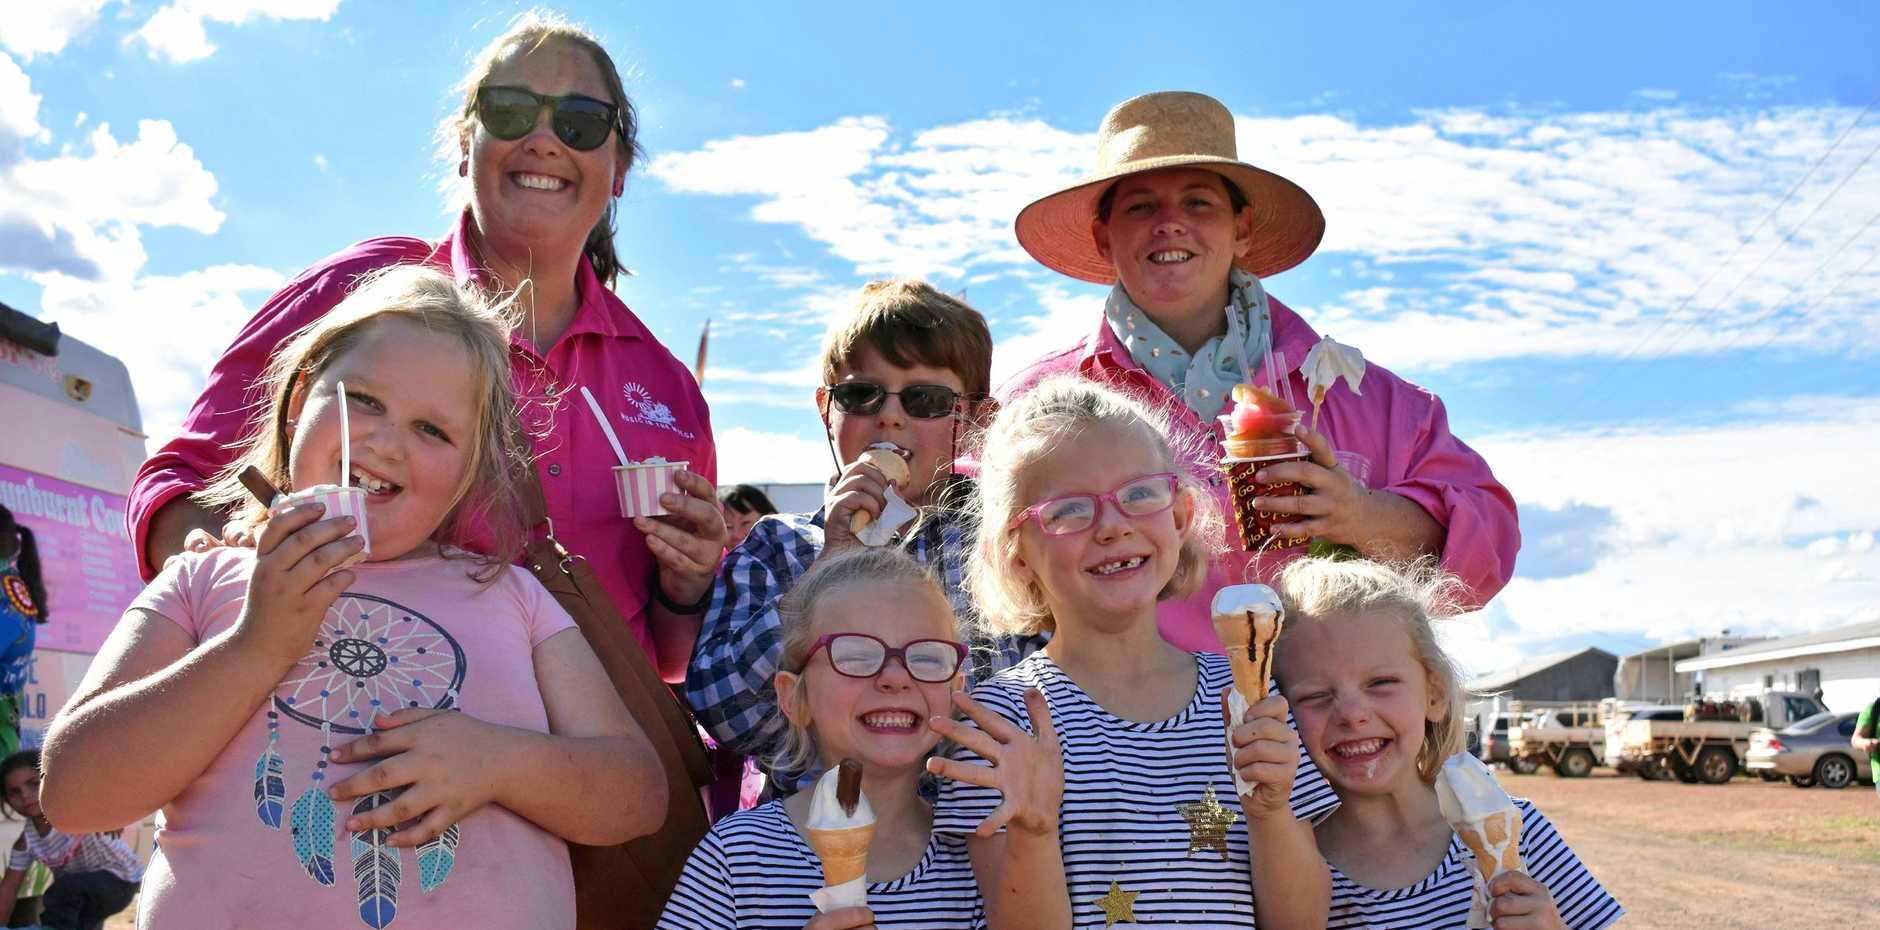 FAMILY DAY: Mary-Clare Duff, Rohan Koop, Marg Koop, Bella Woods, Sydney Koop, Haydee Koop and Lyndsay Koop.